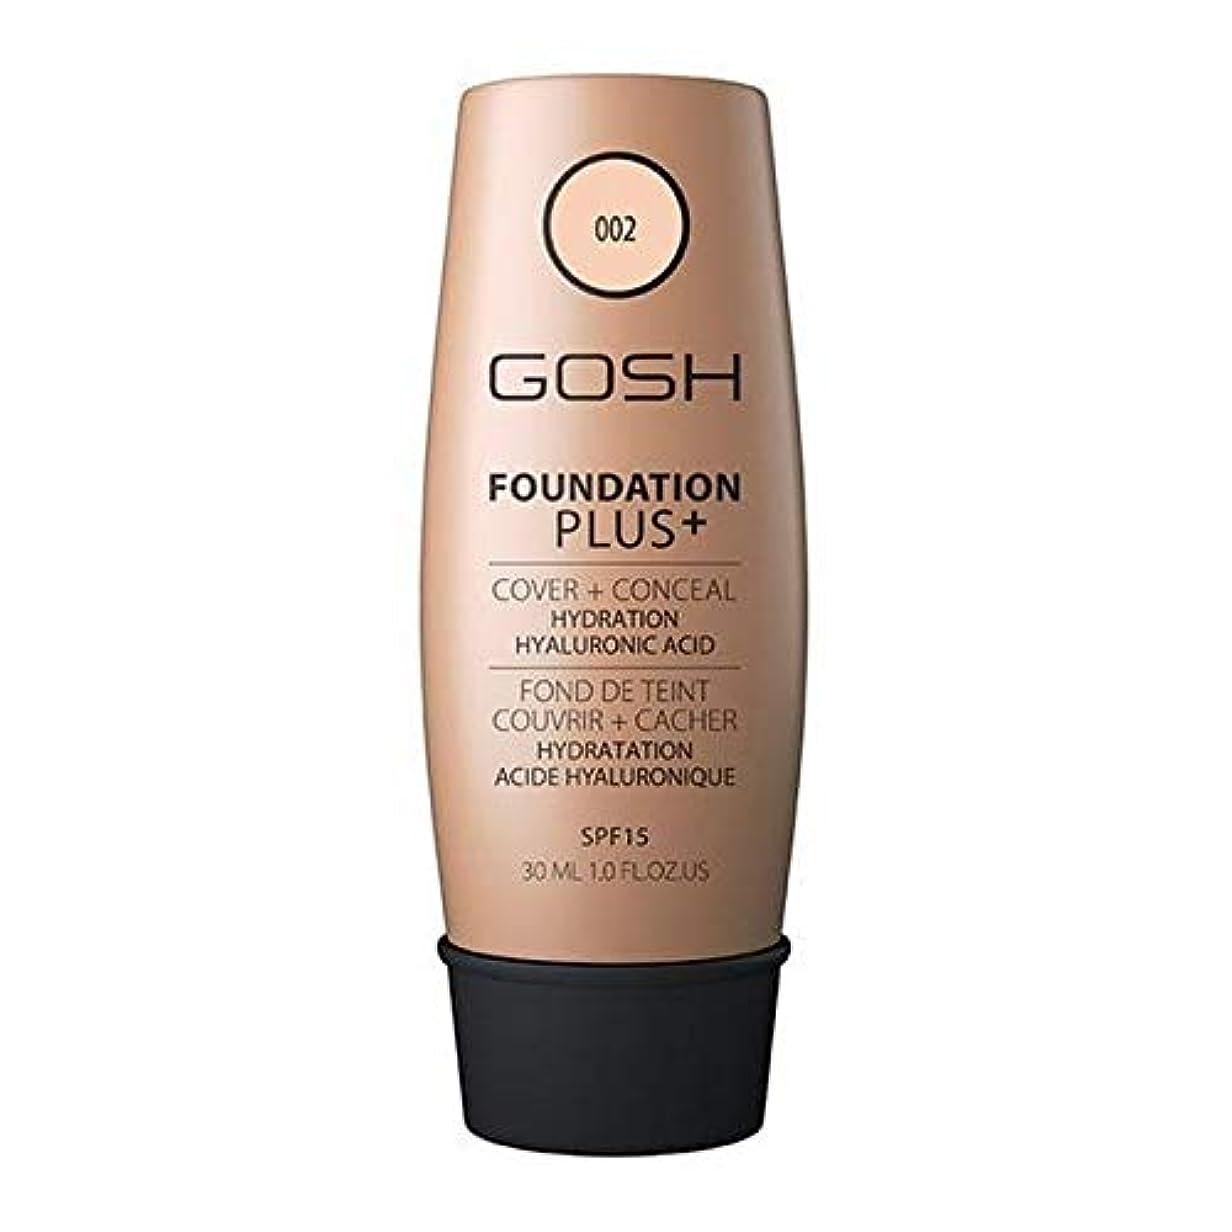 そこからカレンダー取り組む[GOSH ] おやっ基礎プラス+アイボリー002 - Gosh Foundation Plus+ Ivory 002 [並行輸入品]